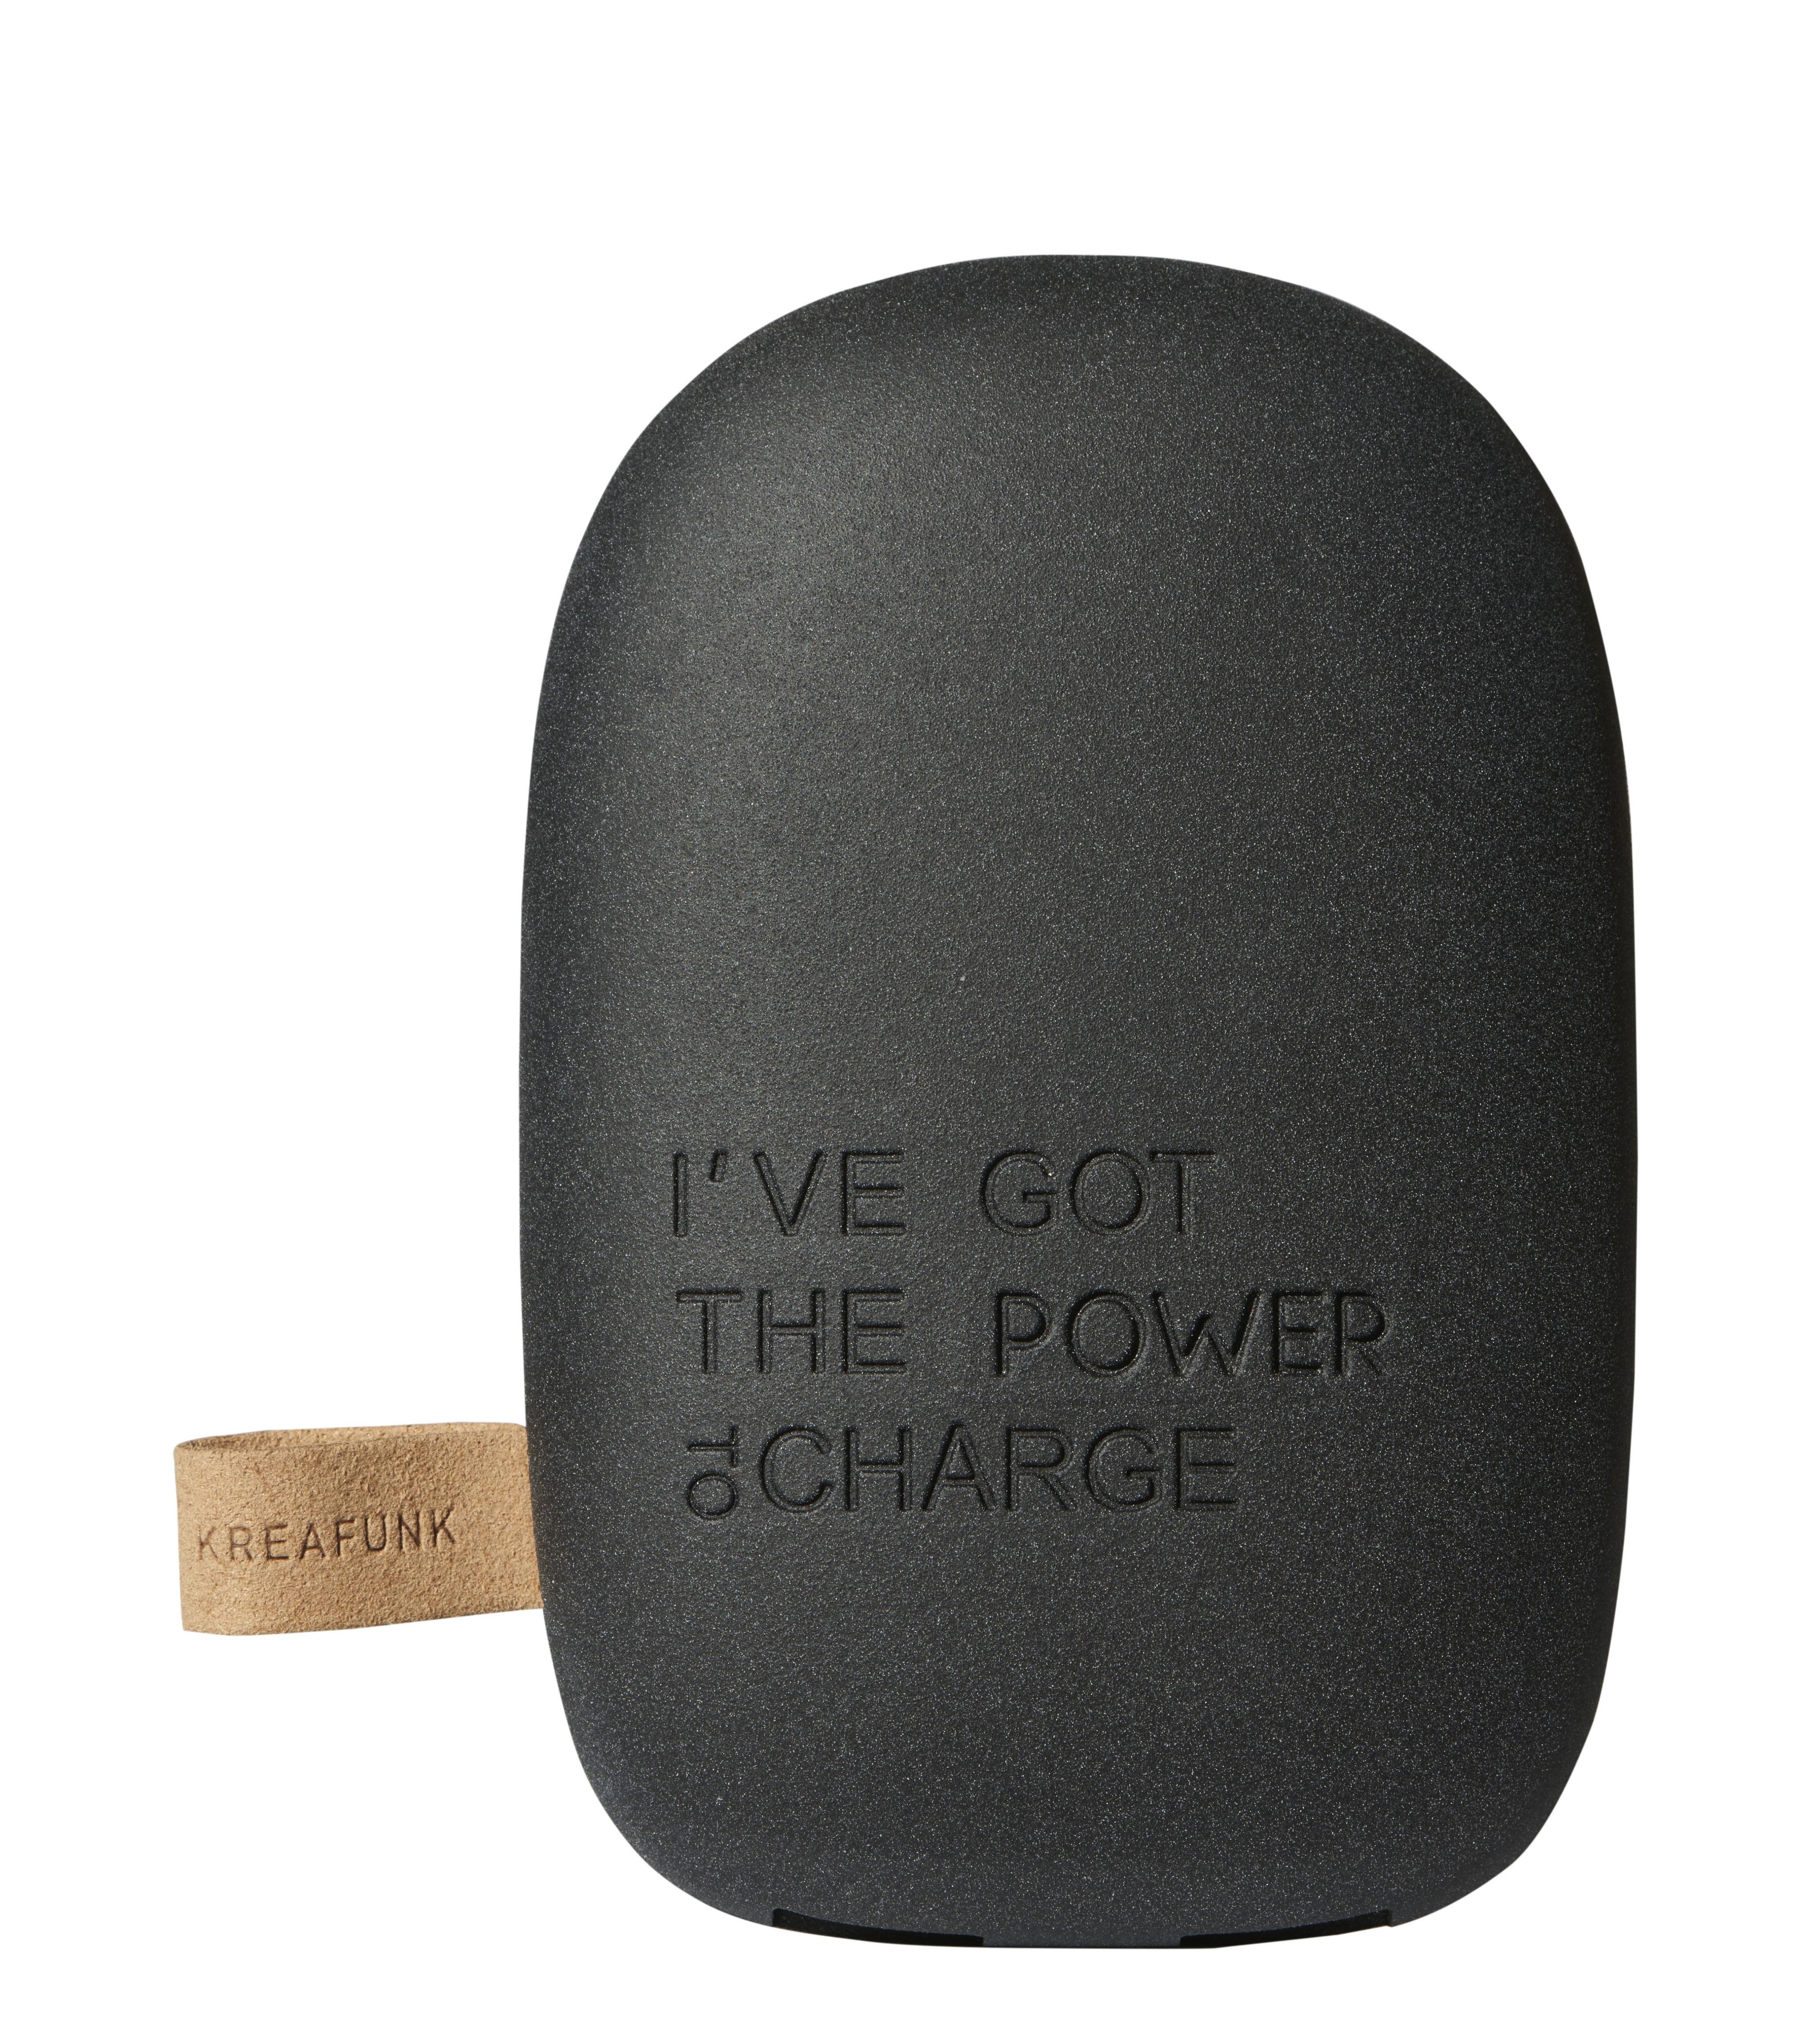 Accessoires - Objets connectés, accessoires high tech - Batterie de secours toCharge / Portable - iPhone & smartphone - Kreafunk - Noir - Matière plastique